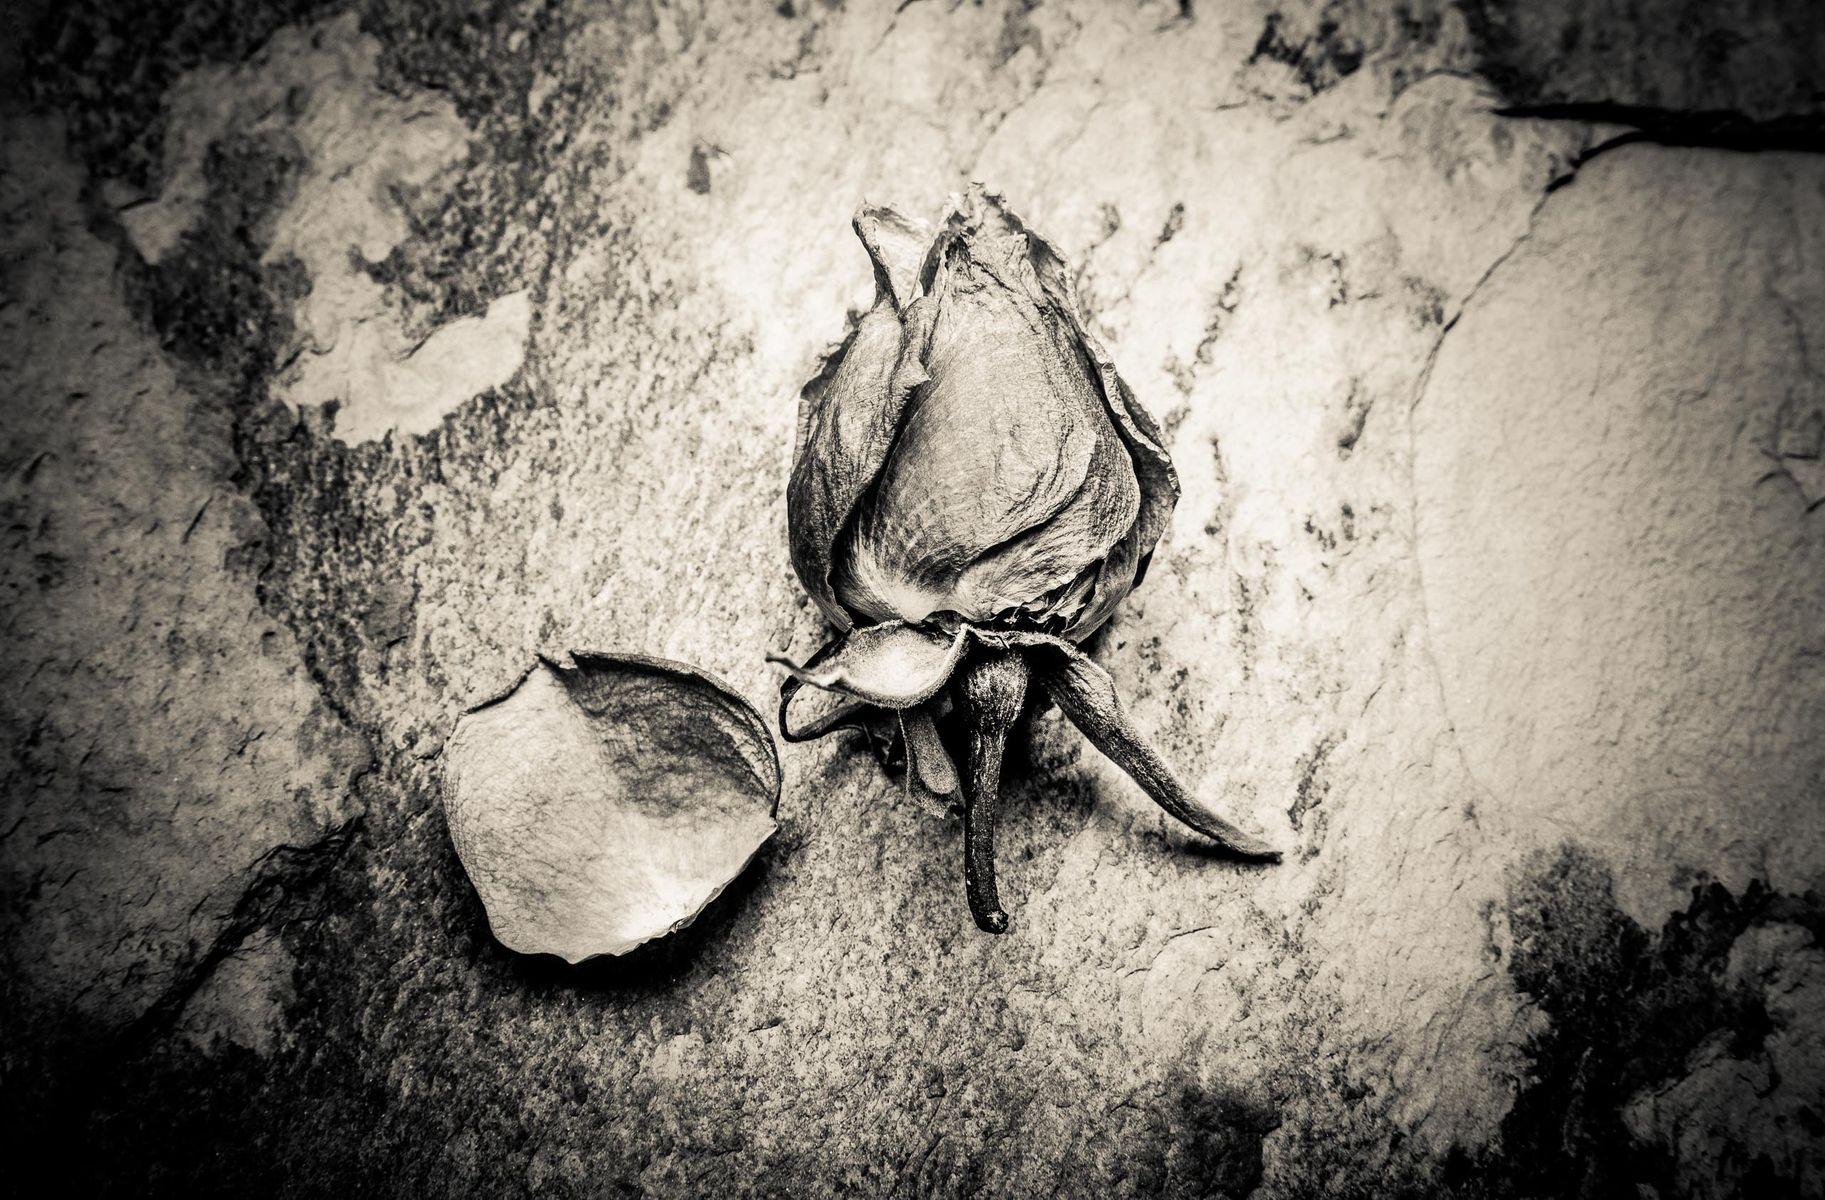 dry_roses-9-2.jpg